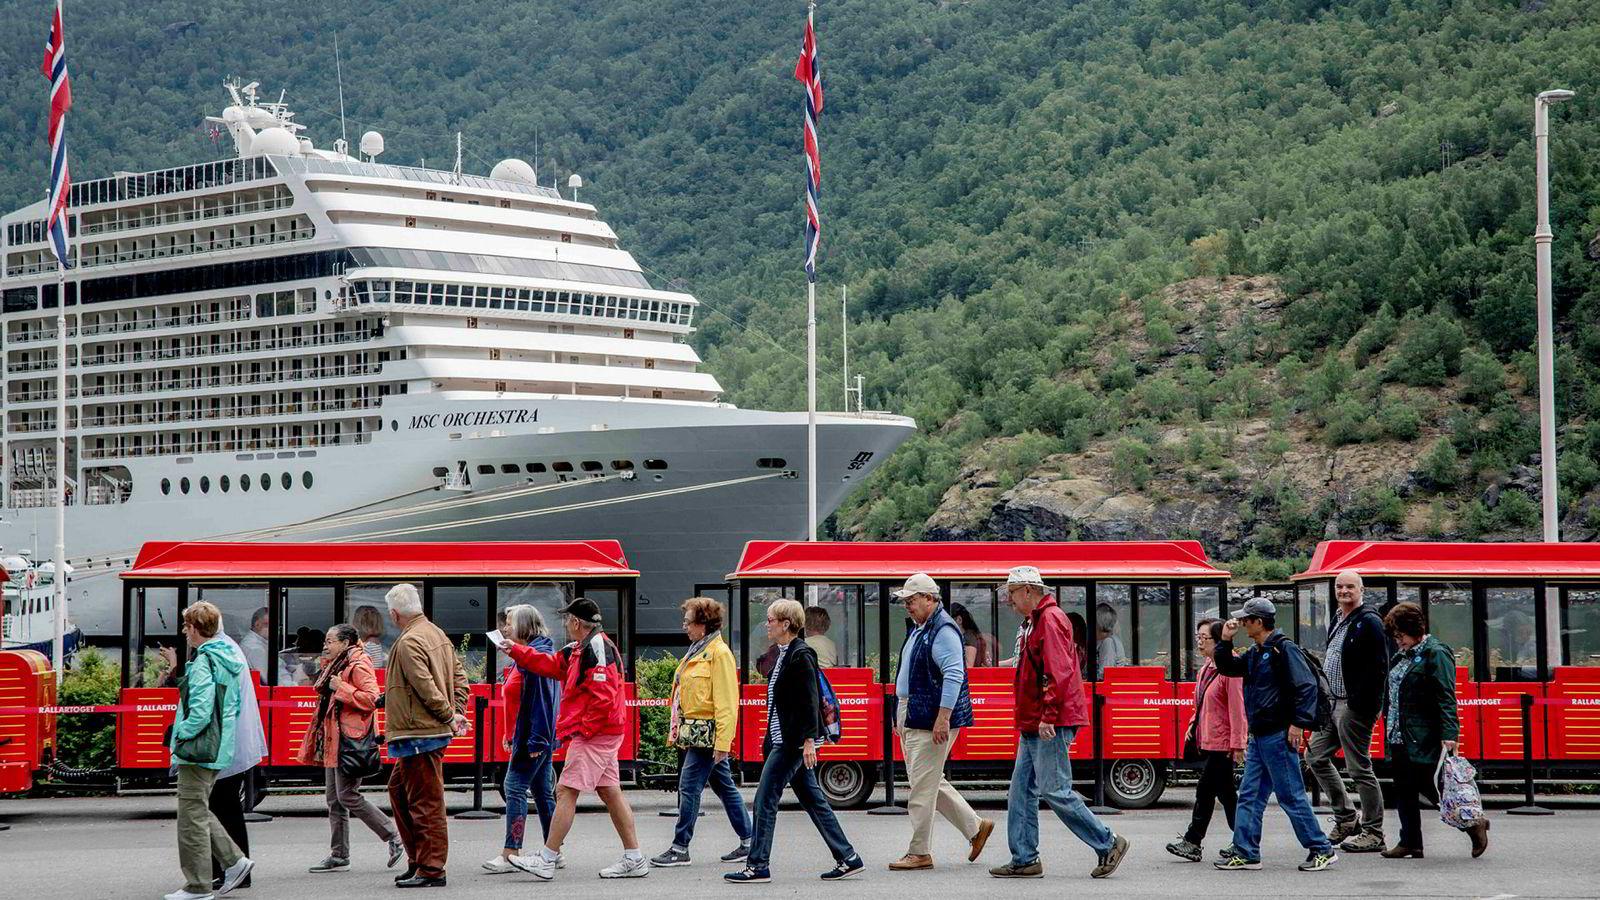 Et cruiseskip med 5000 gjester er et like stort fotavtrykk på miljøet som en by med 25.000 innbyggere. Her en gruppe turister foran et cruiseskip i Flåm.